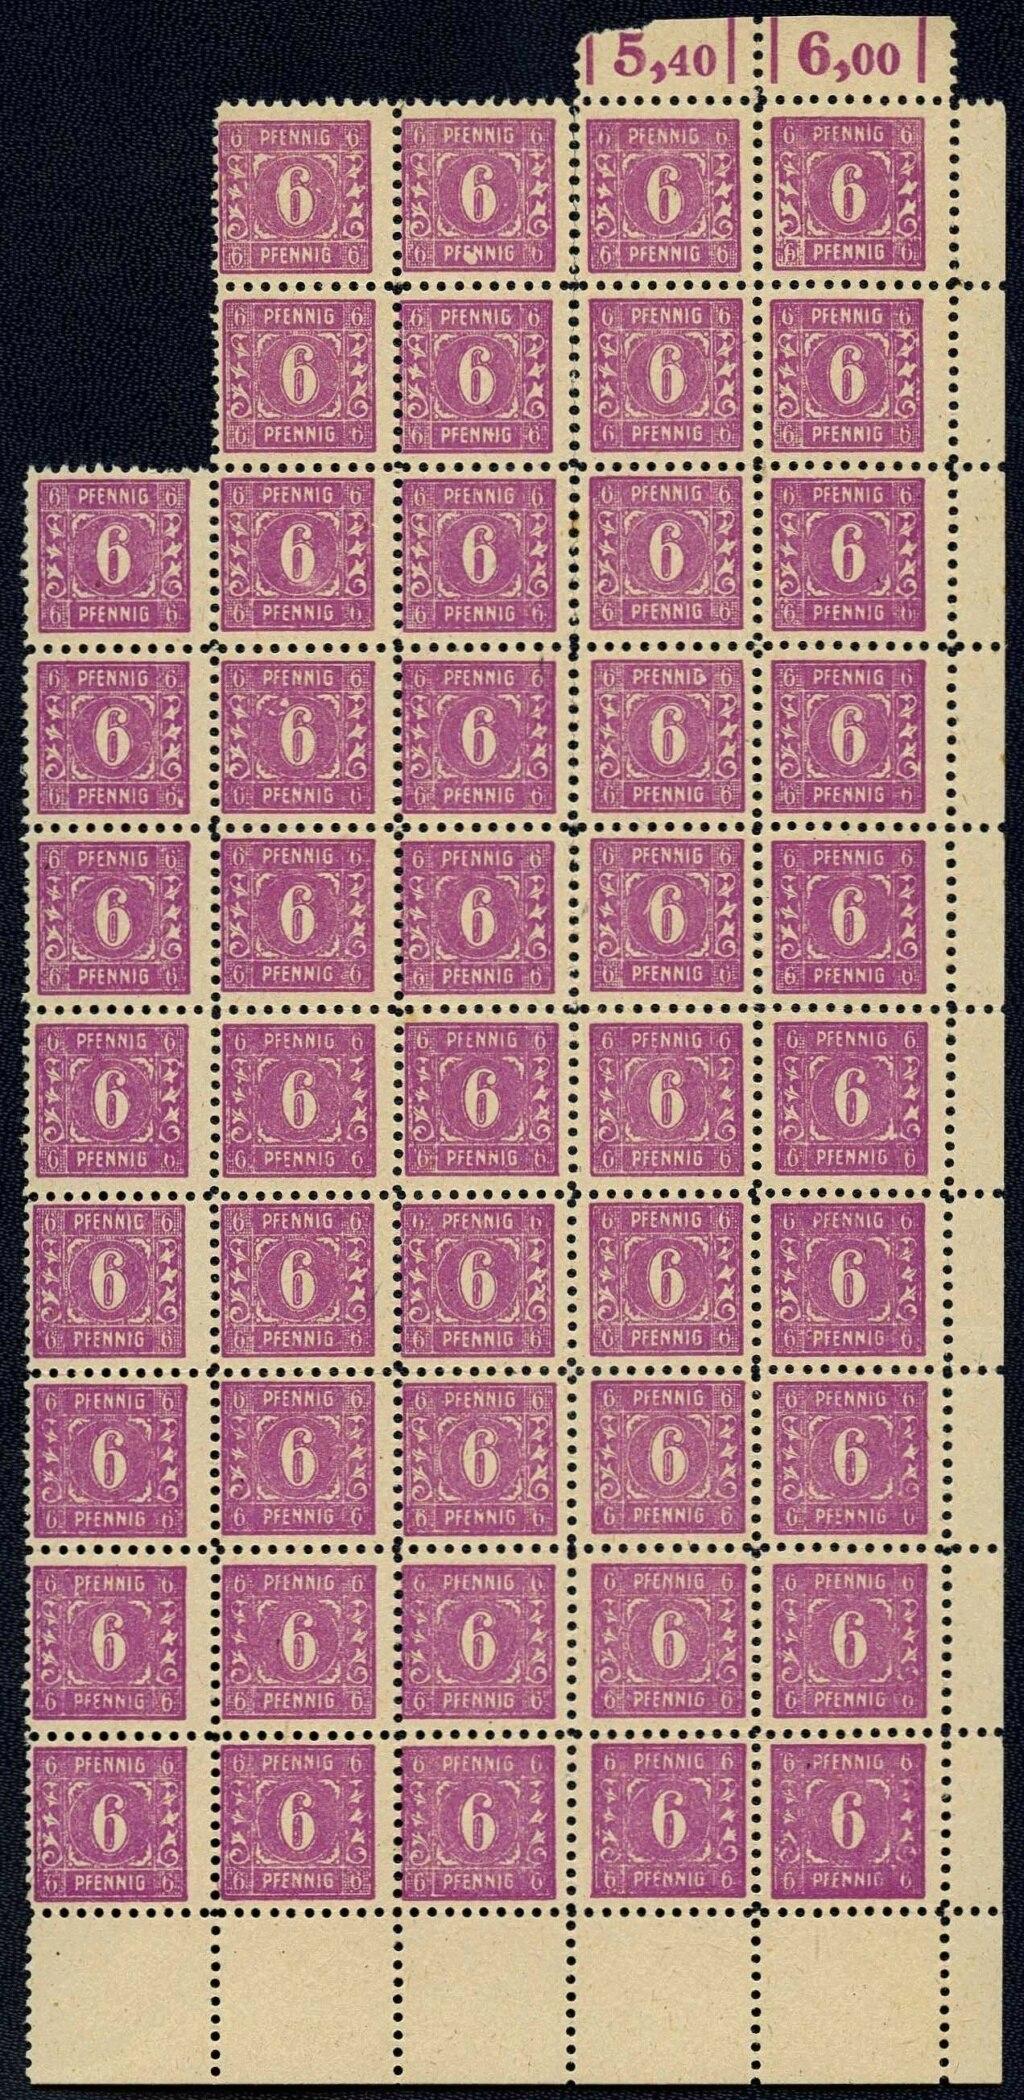 OPD Schwerin - 1. Freimarkenausgabe - Feldmerkmale der Wertstufe zu 6 Pfennig Mi_nr_12